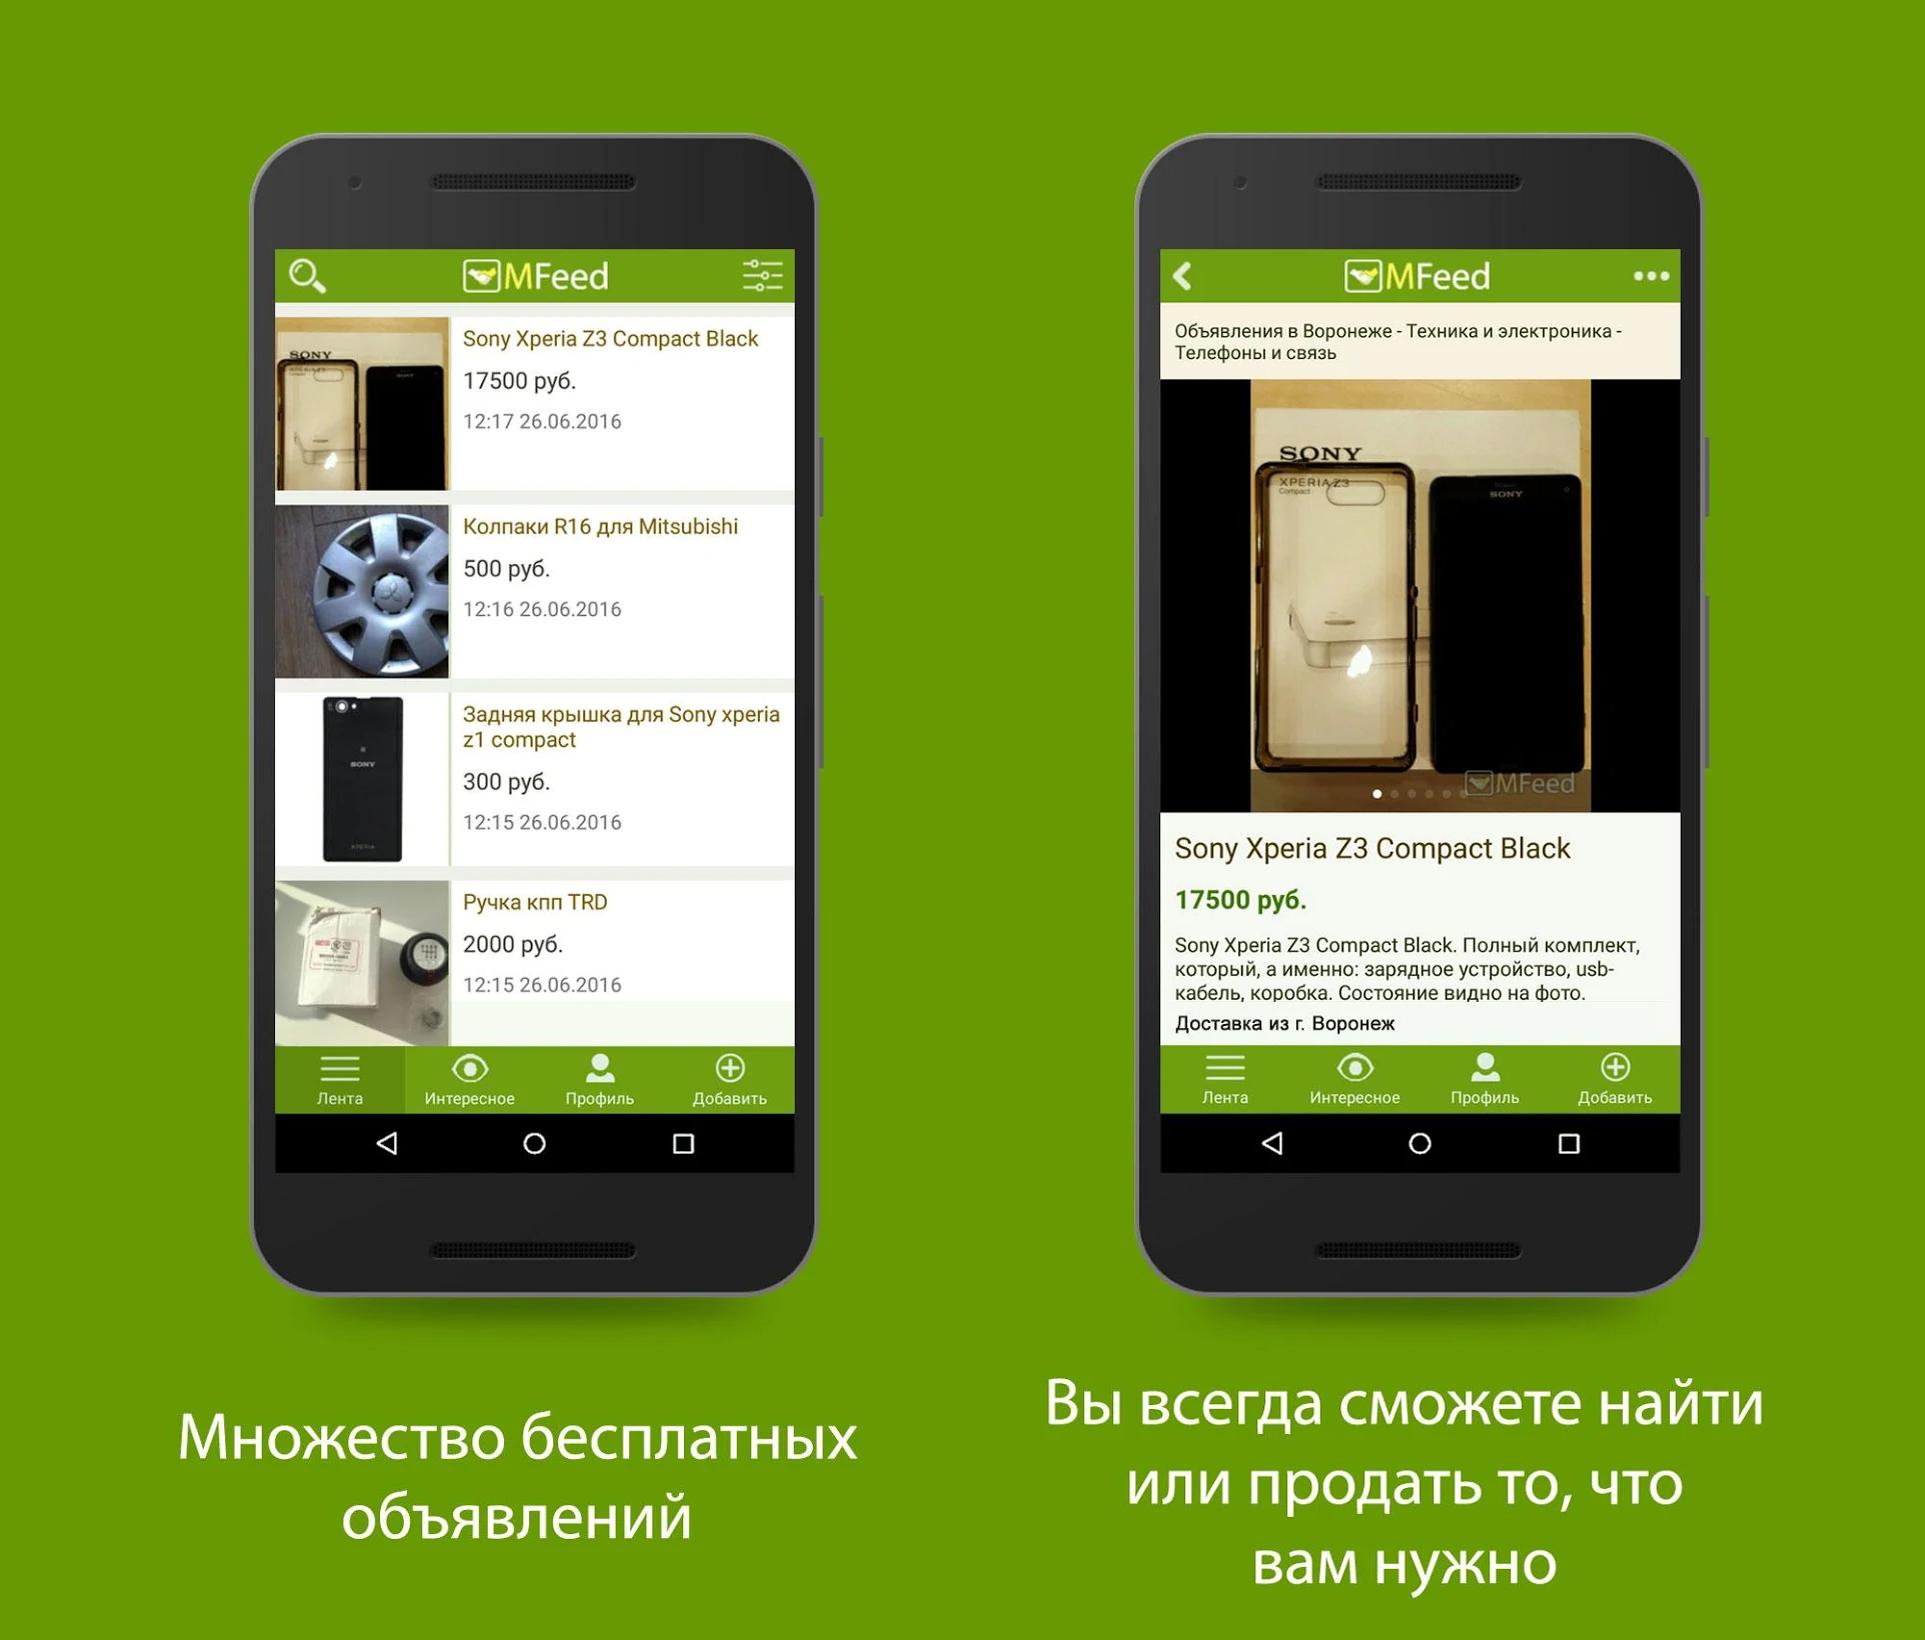 Приложение ленты бесплатных объявлений MFeed для ОС Android